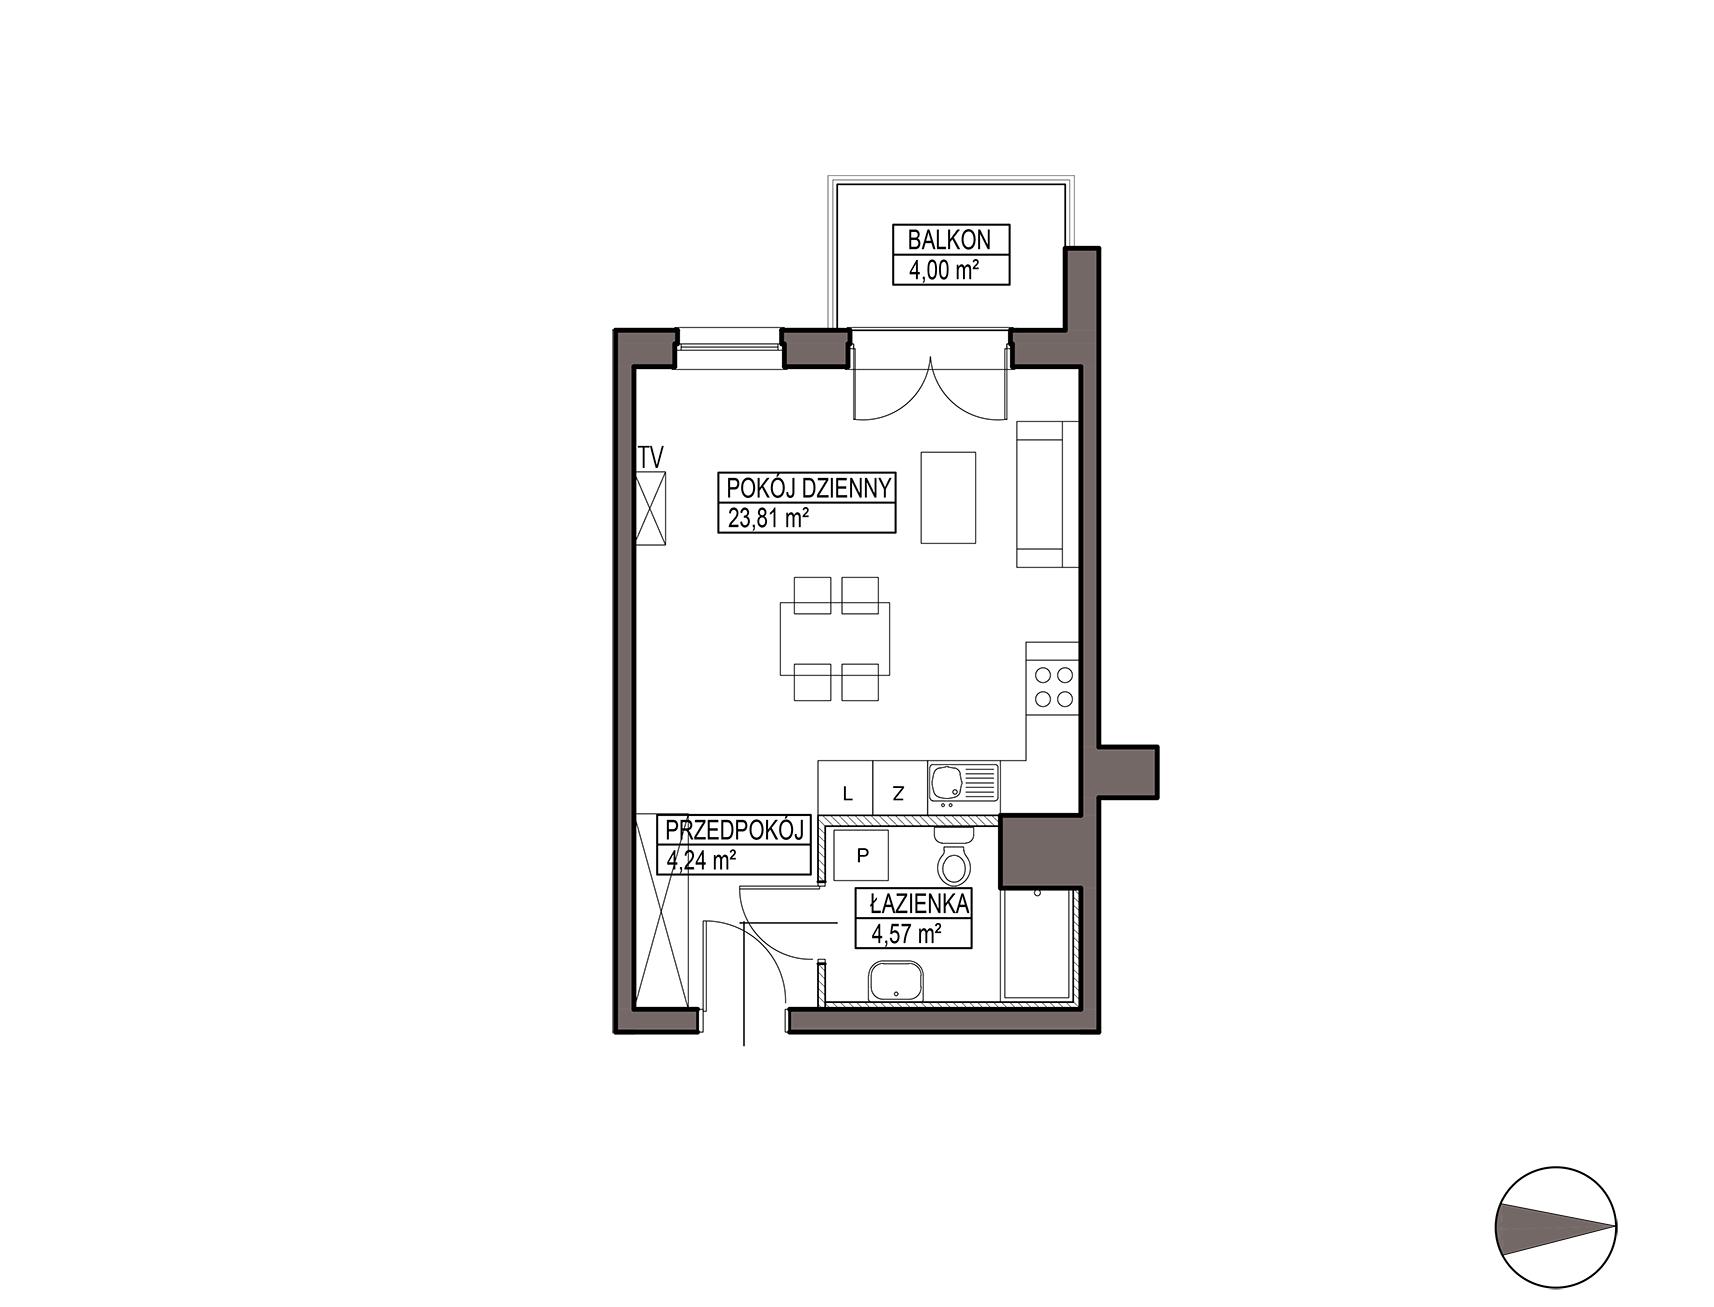 Uroczysko III / budynek 5 / mieszkanie G/0/11 rzut 1